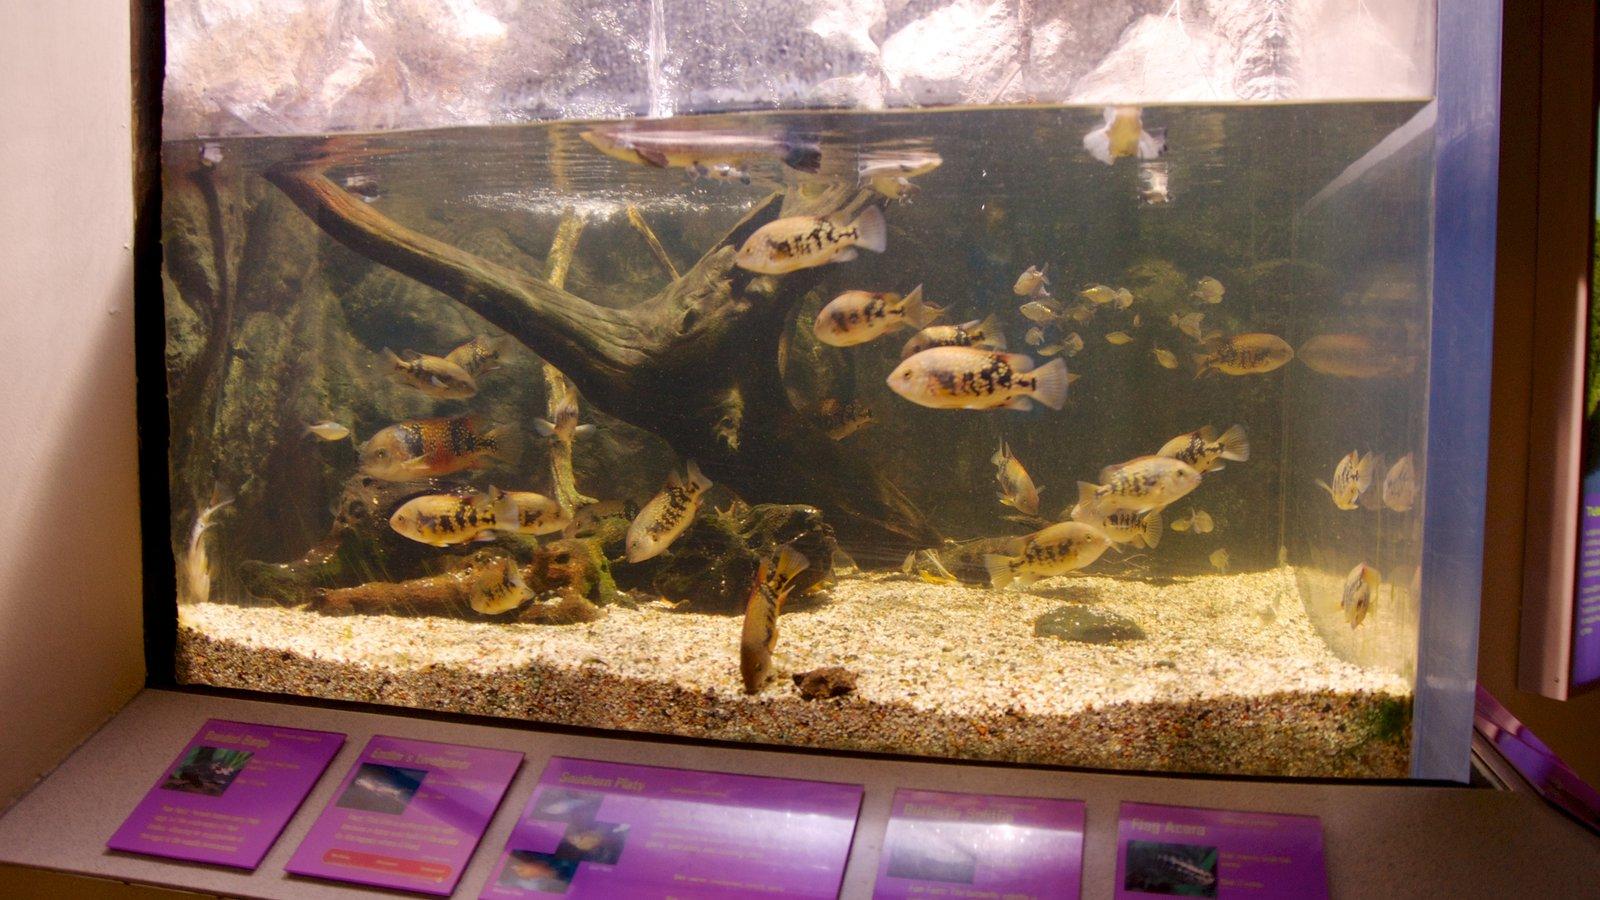 Newport Aquarium mostrando vida marinha e vistas internas